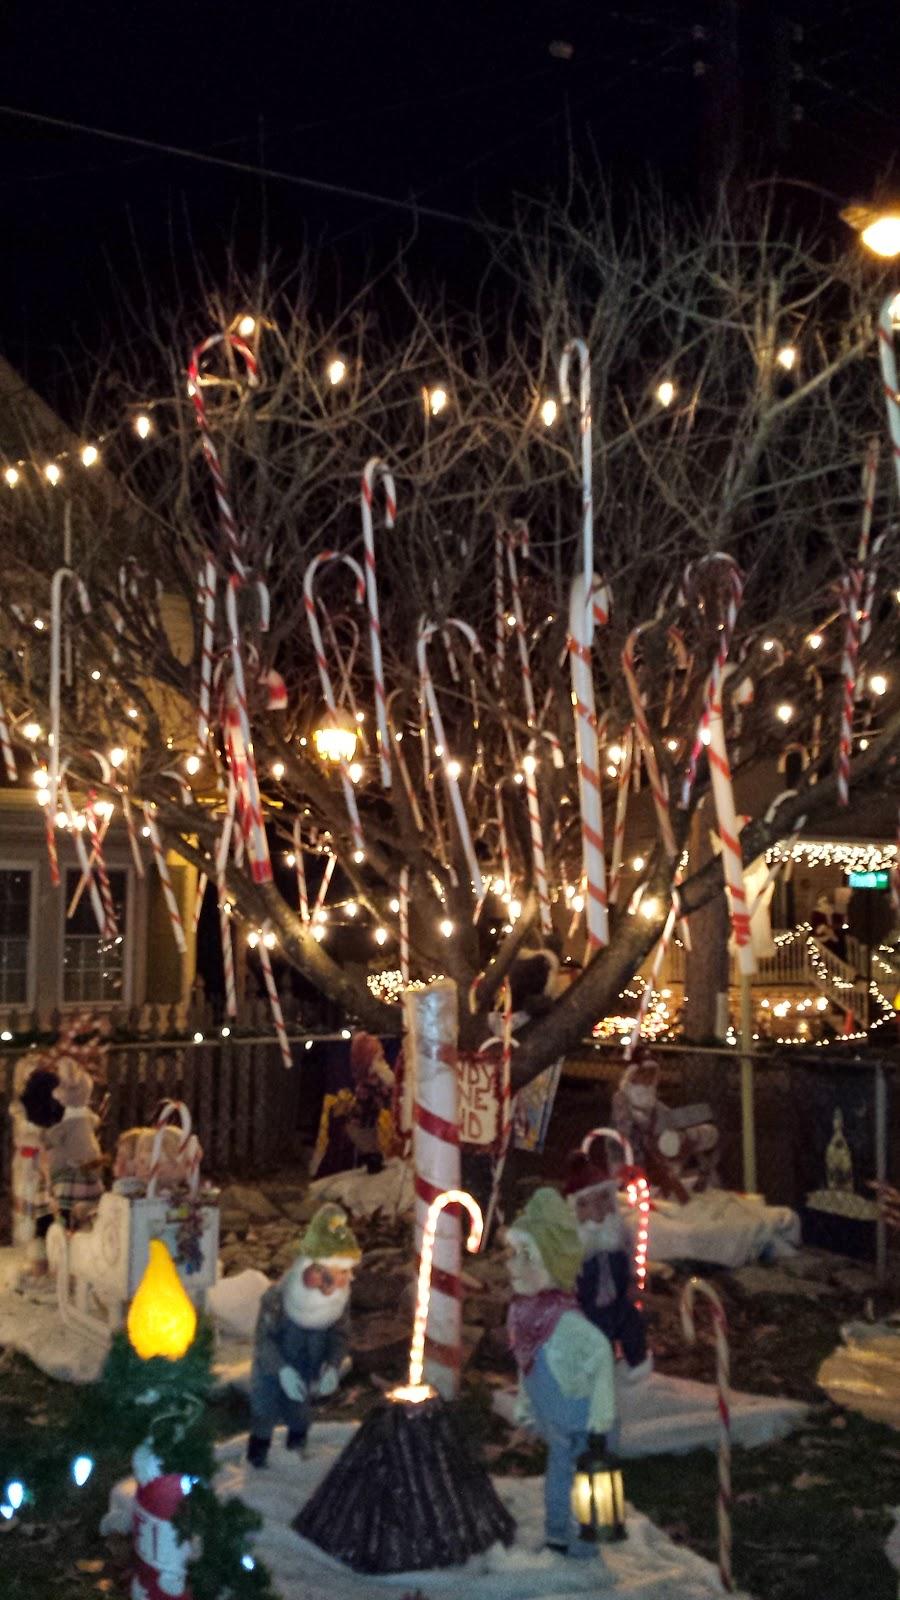 hagerty christmas lights pitman nj - Pitman Christmas Lights